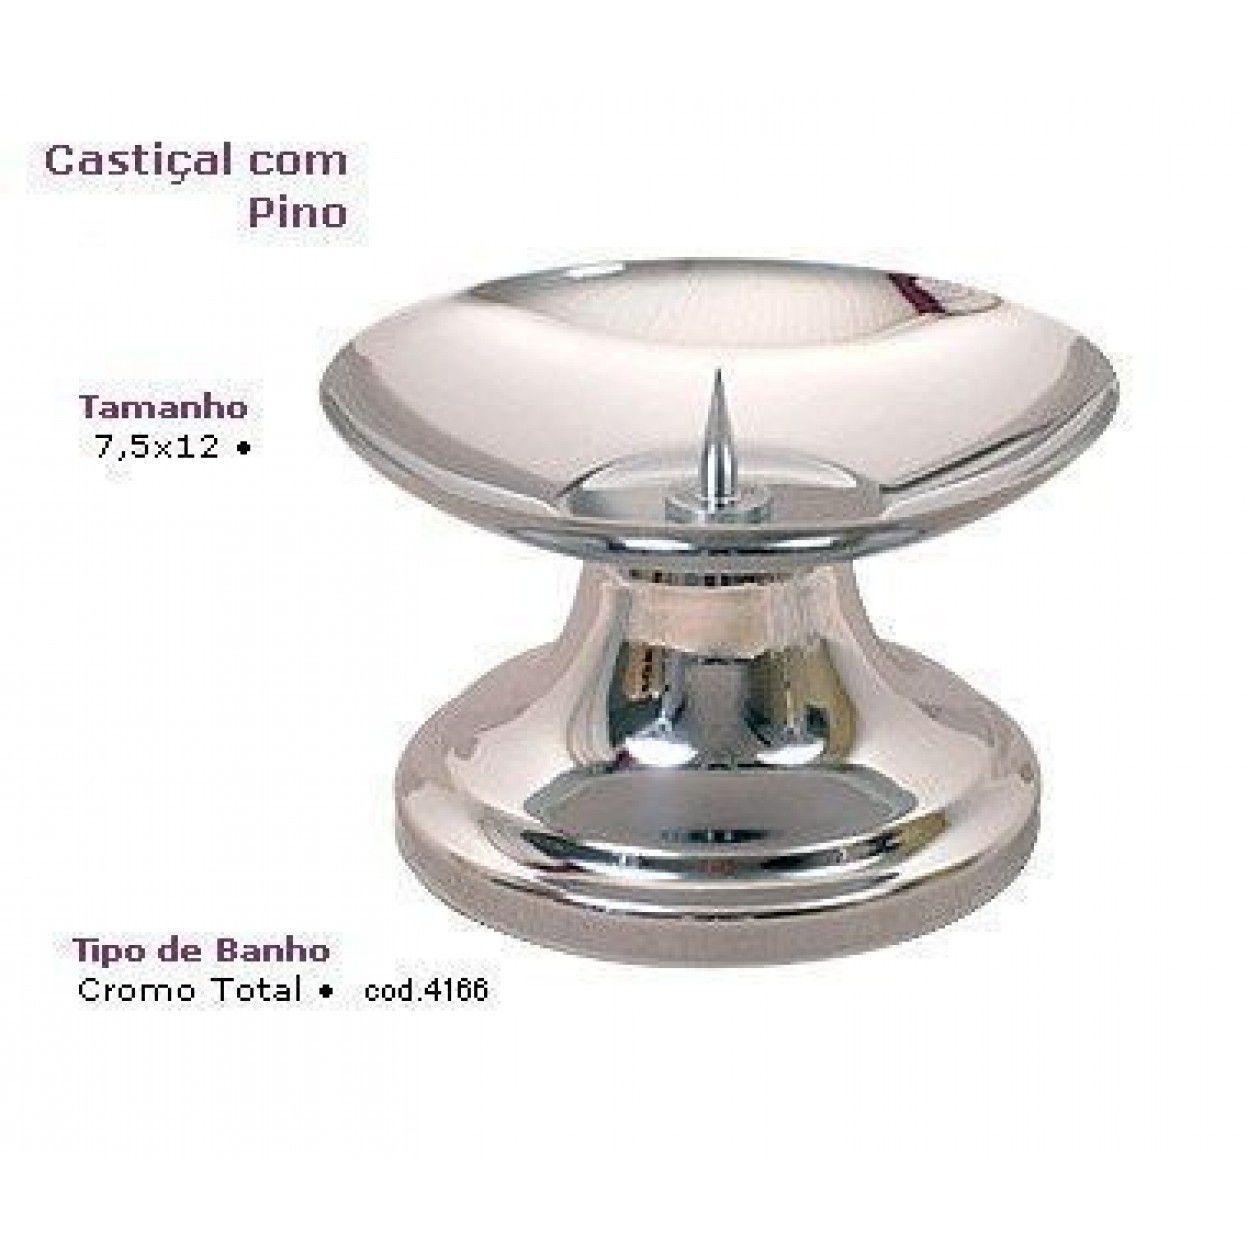 CASTIÇAL PINO CROMADO 4166